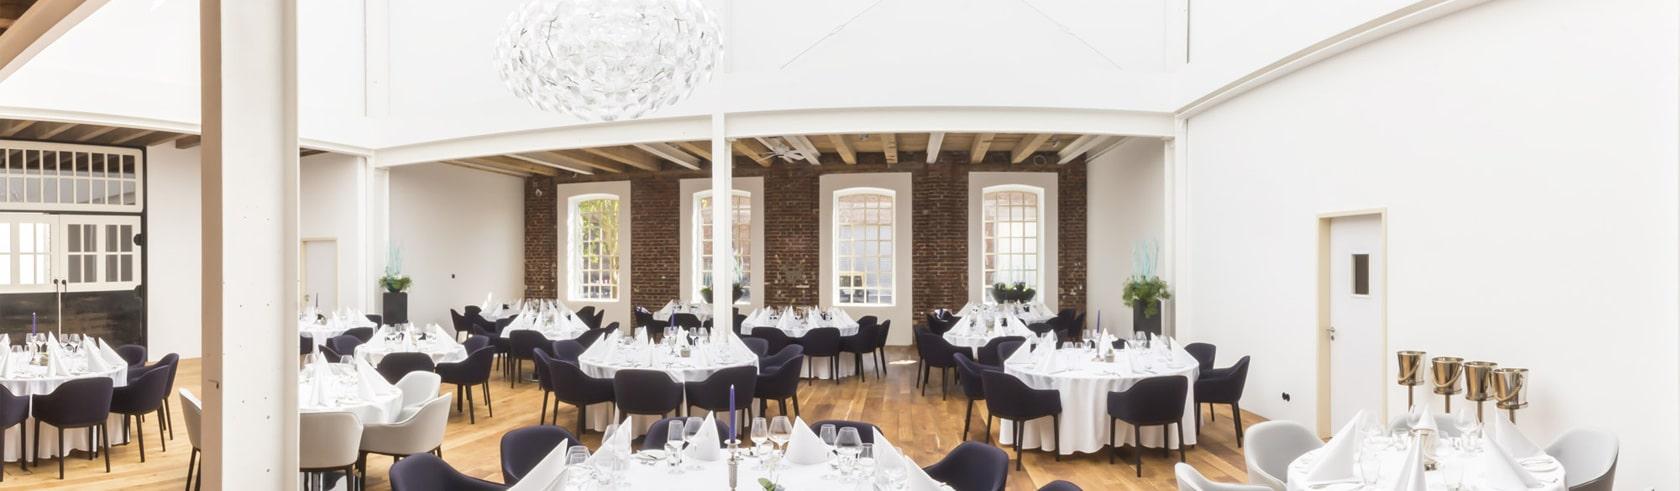 Locationtipp in Gießen: Hotel und Restaurant heyligenstaedt